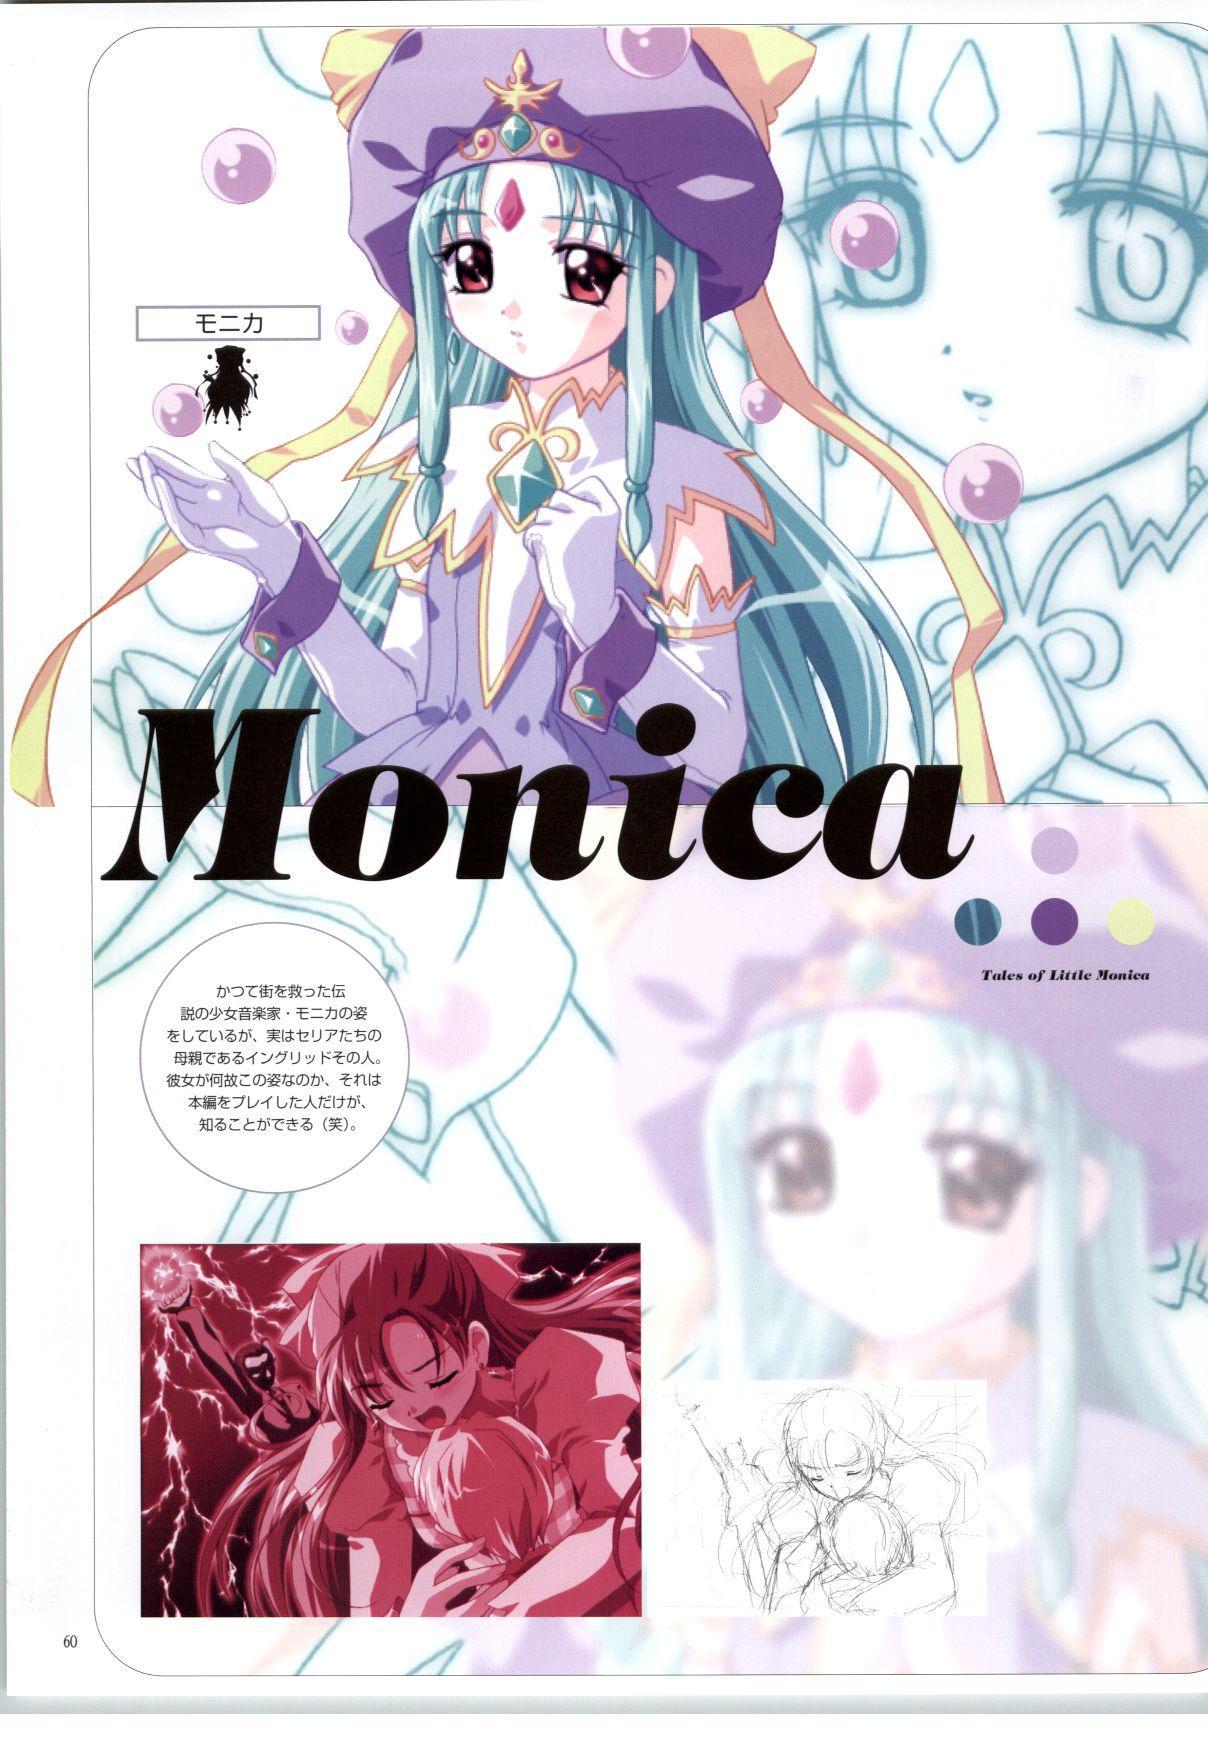 Little Monica Monogatar ArtWorks 55